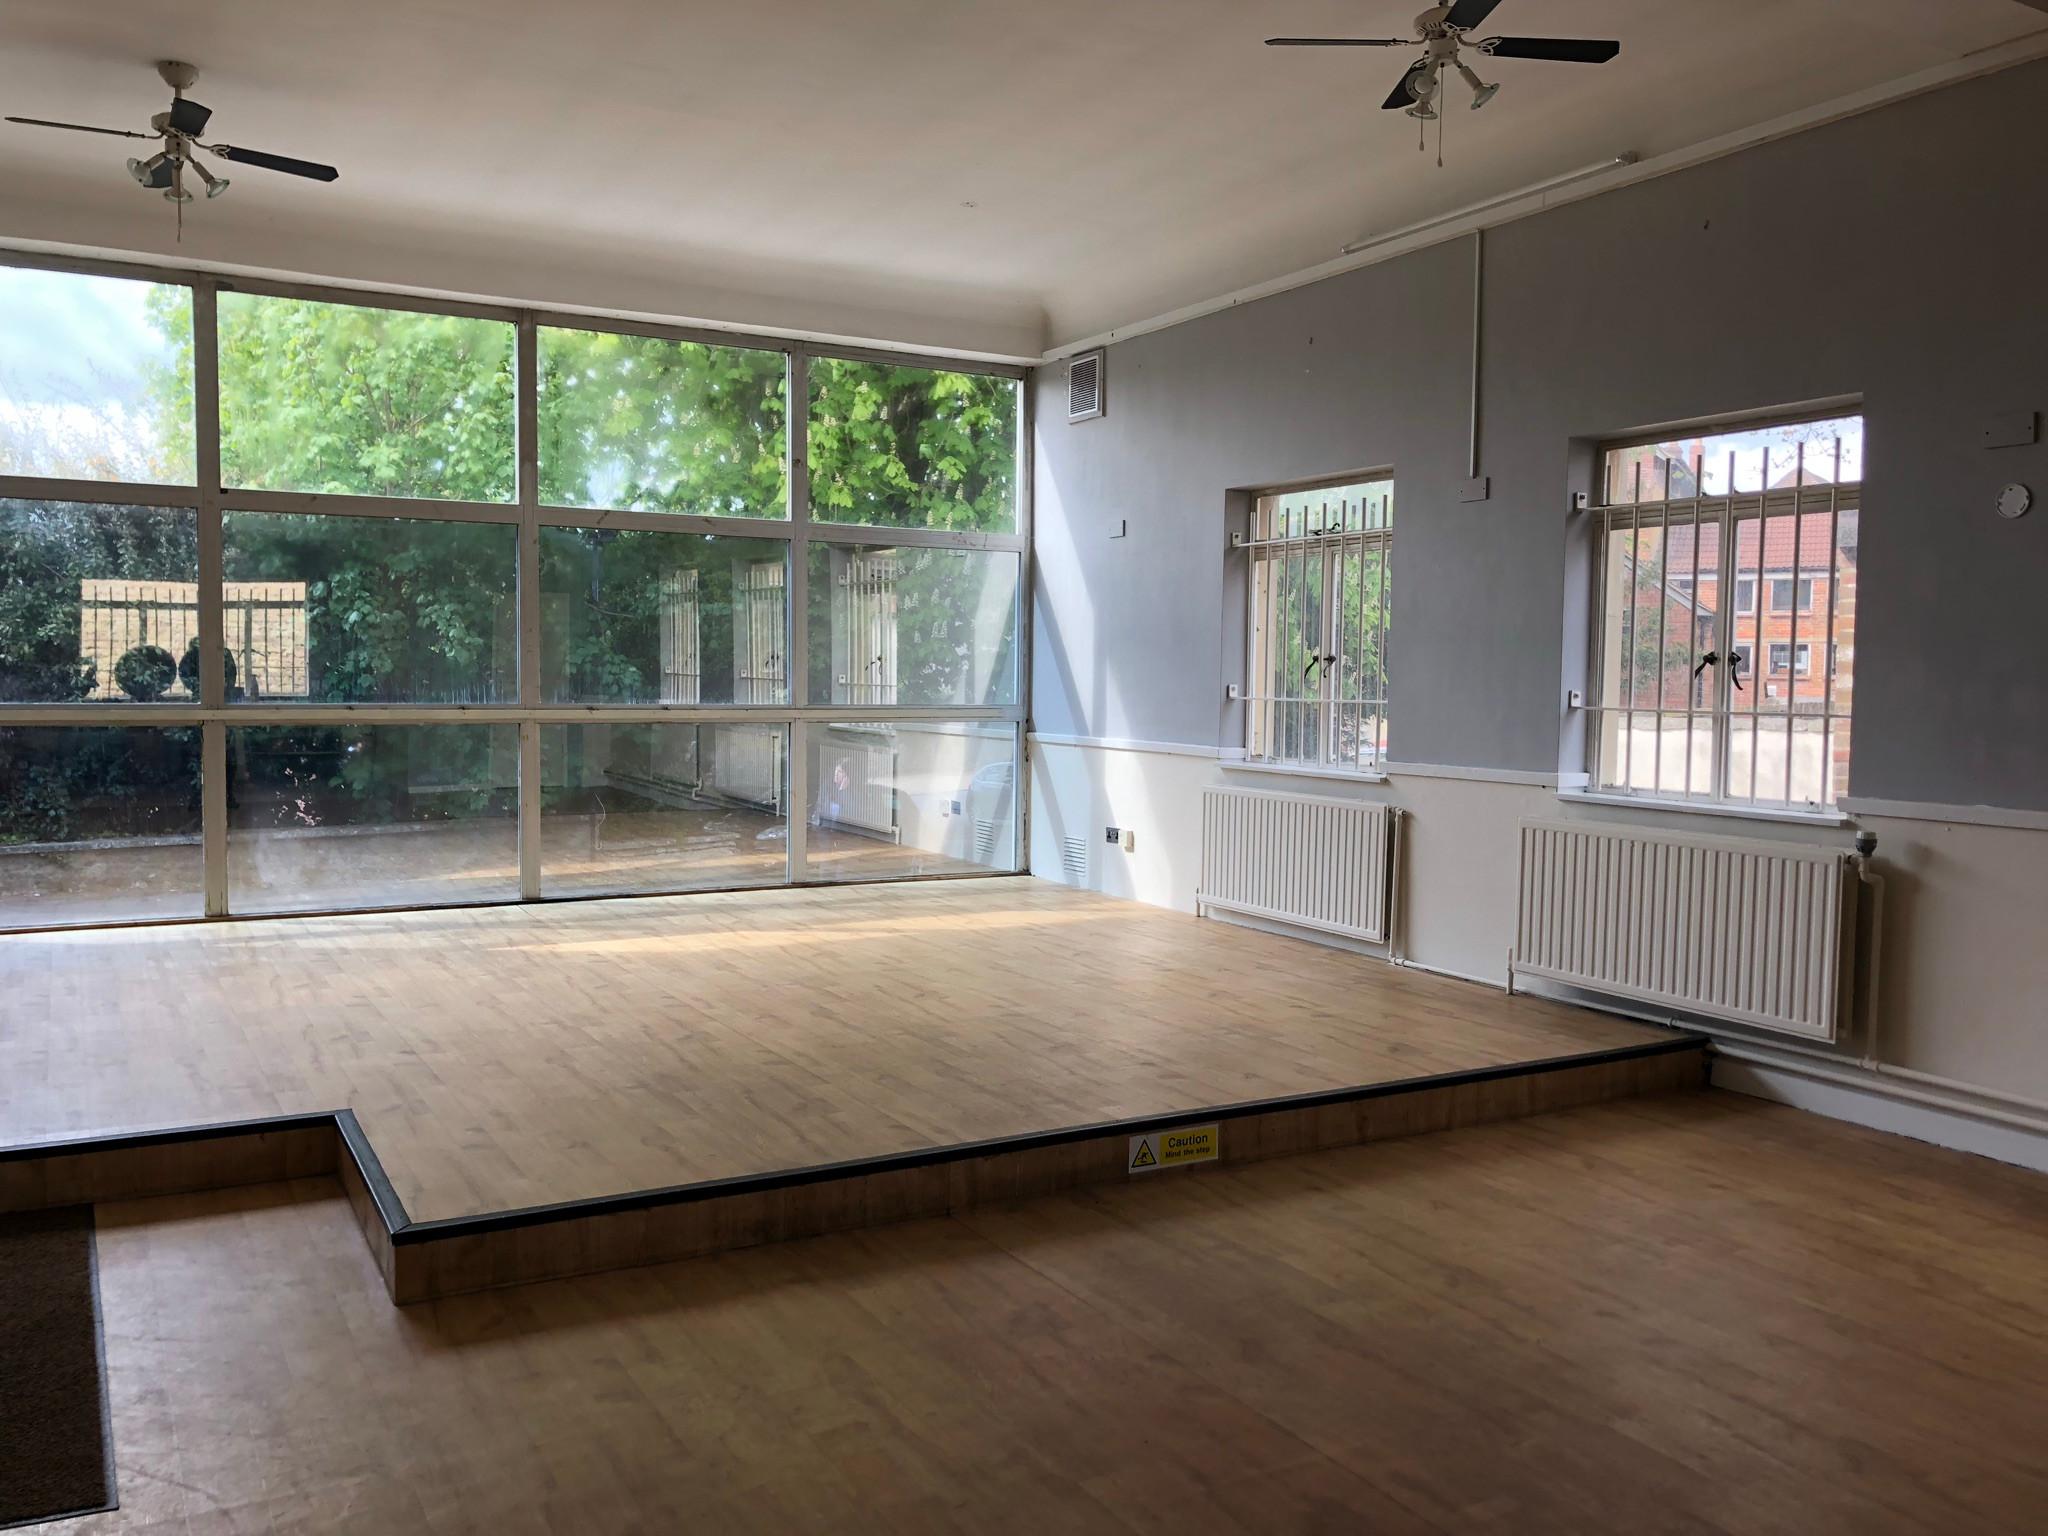 Slow Flow @ The Studio, Harridges Gym